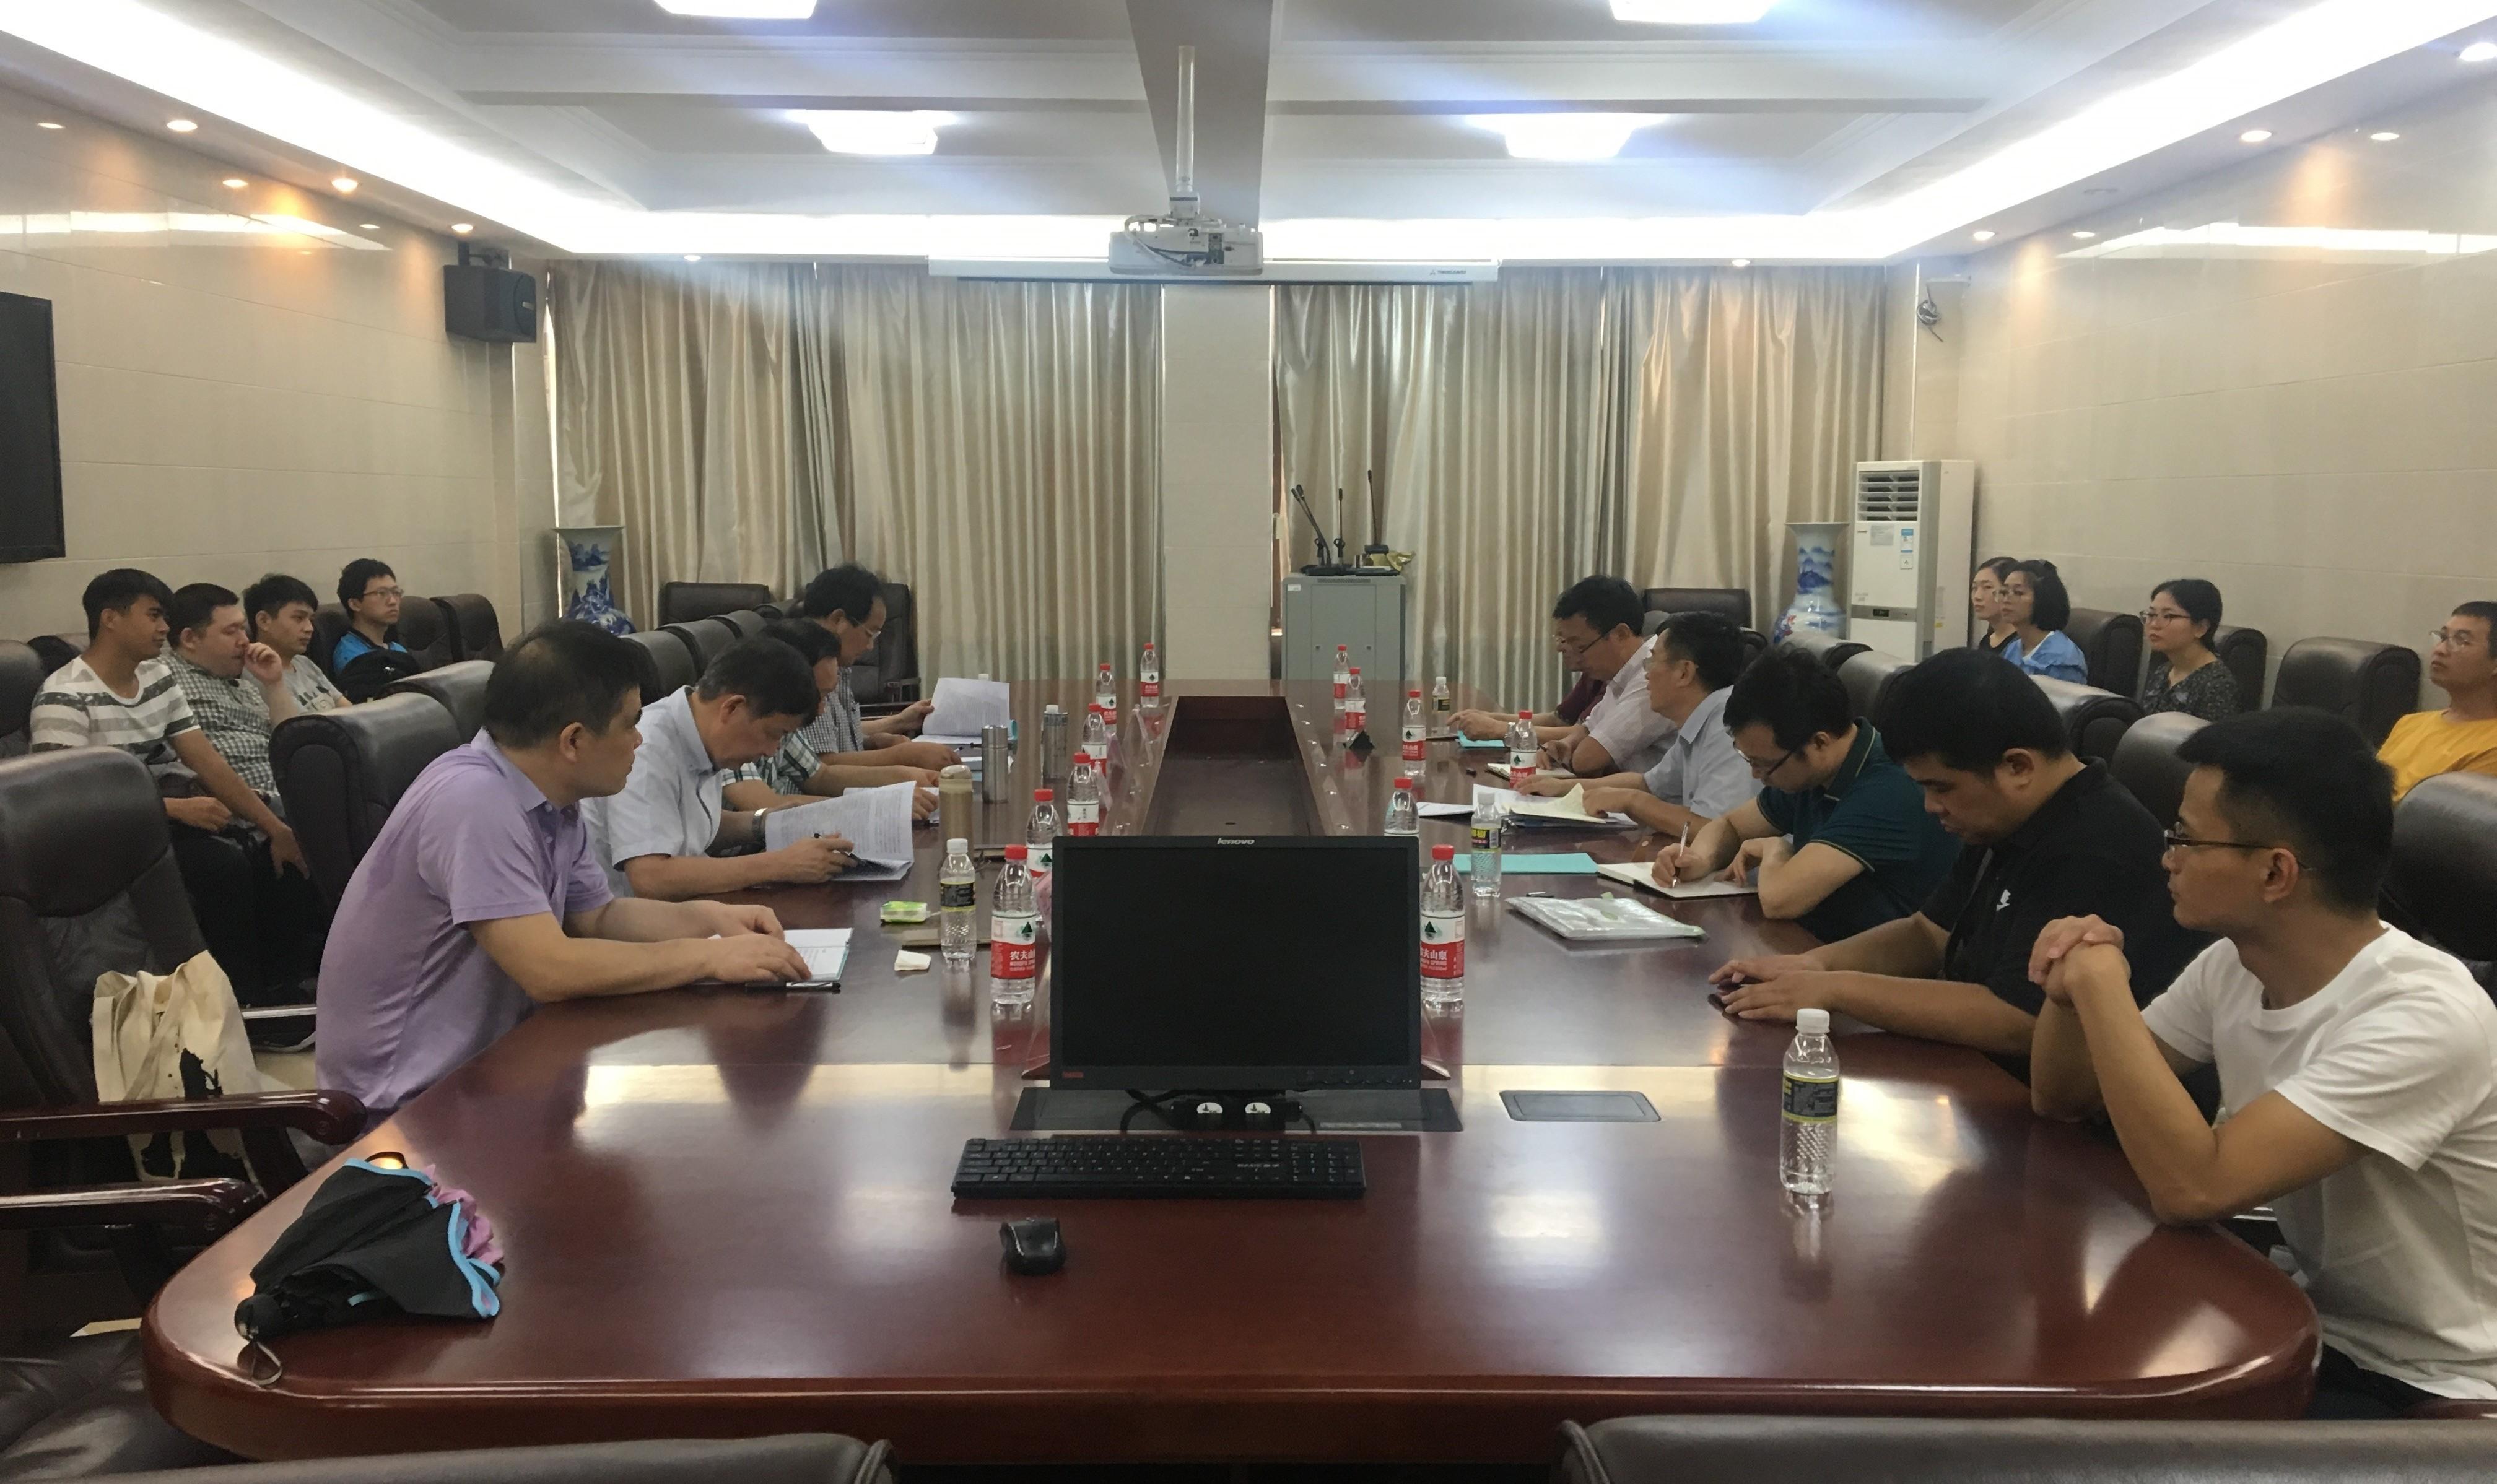 中国史硕士点召开外聘专家评估会